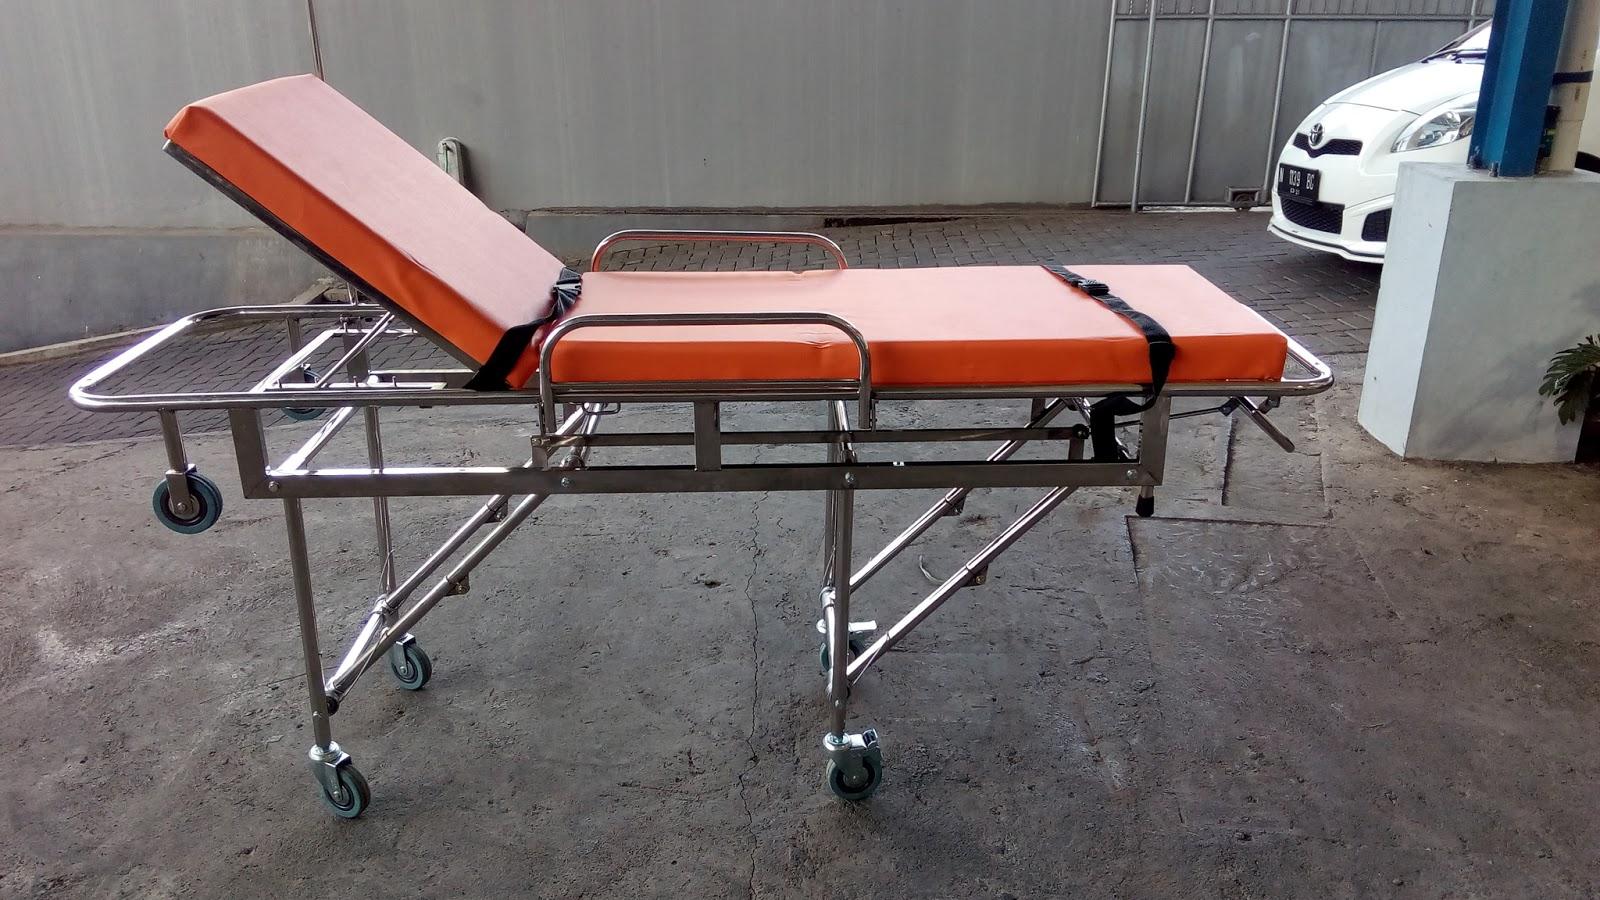 Tag: contoh kasus penyakit akibat kerja di rumah sakit